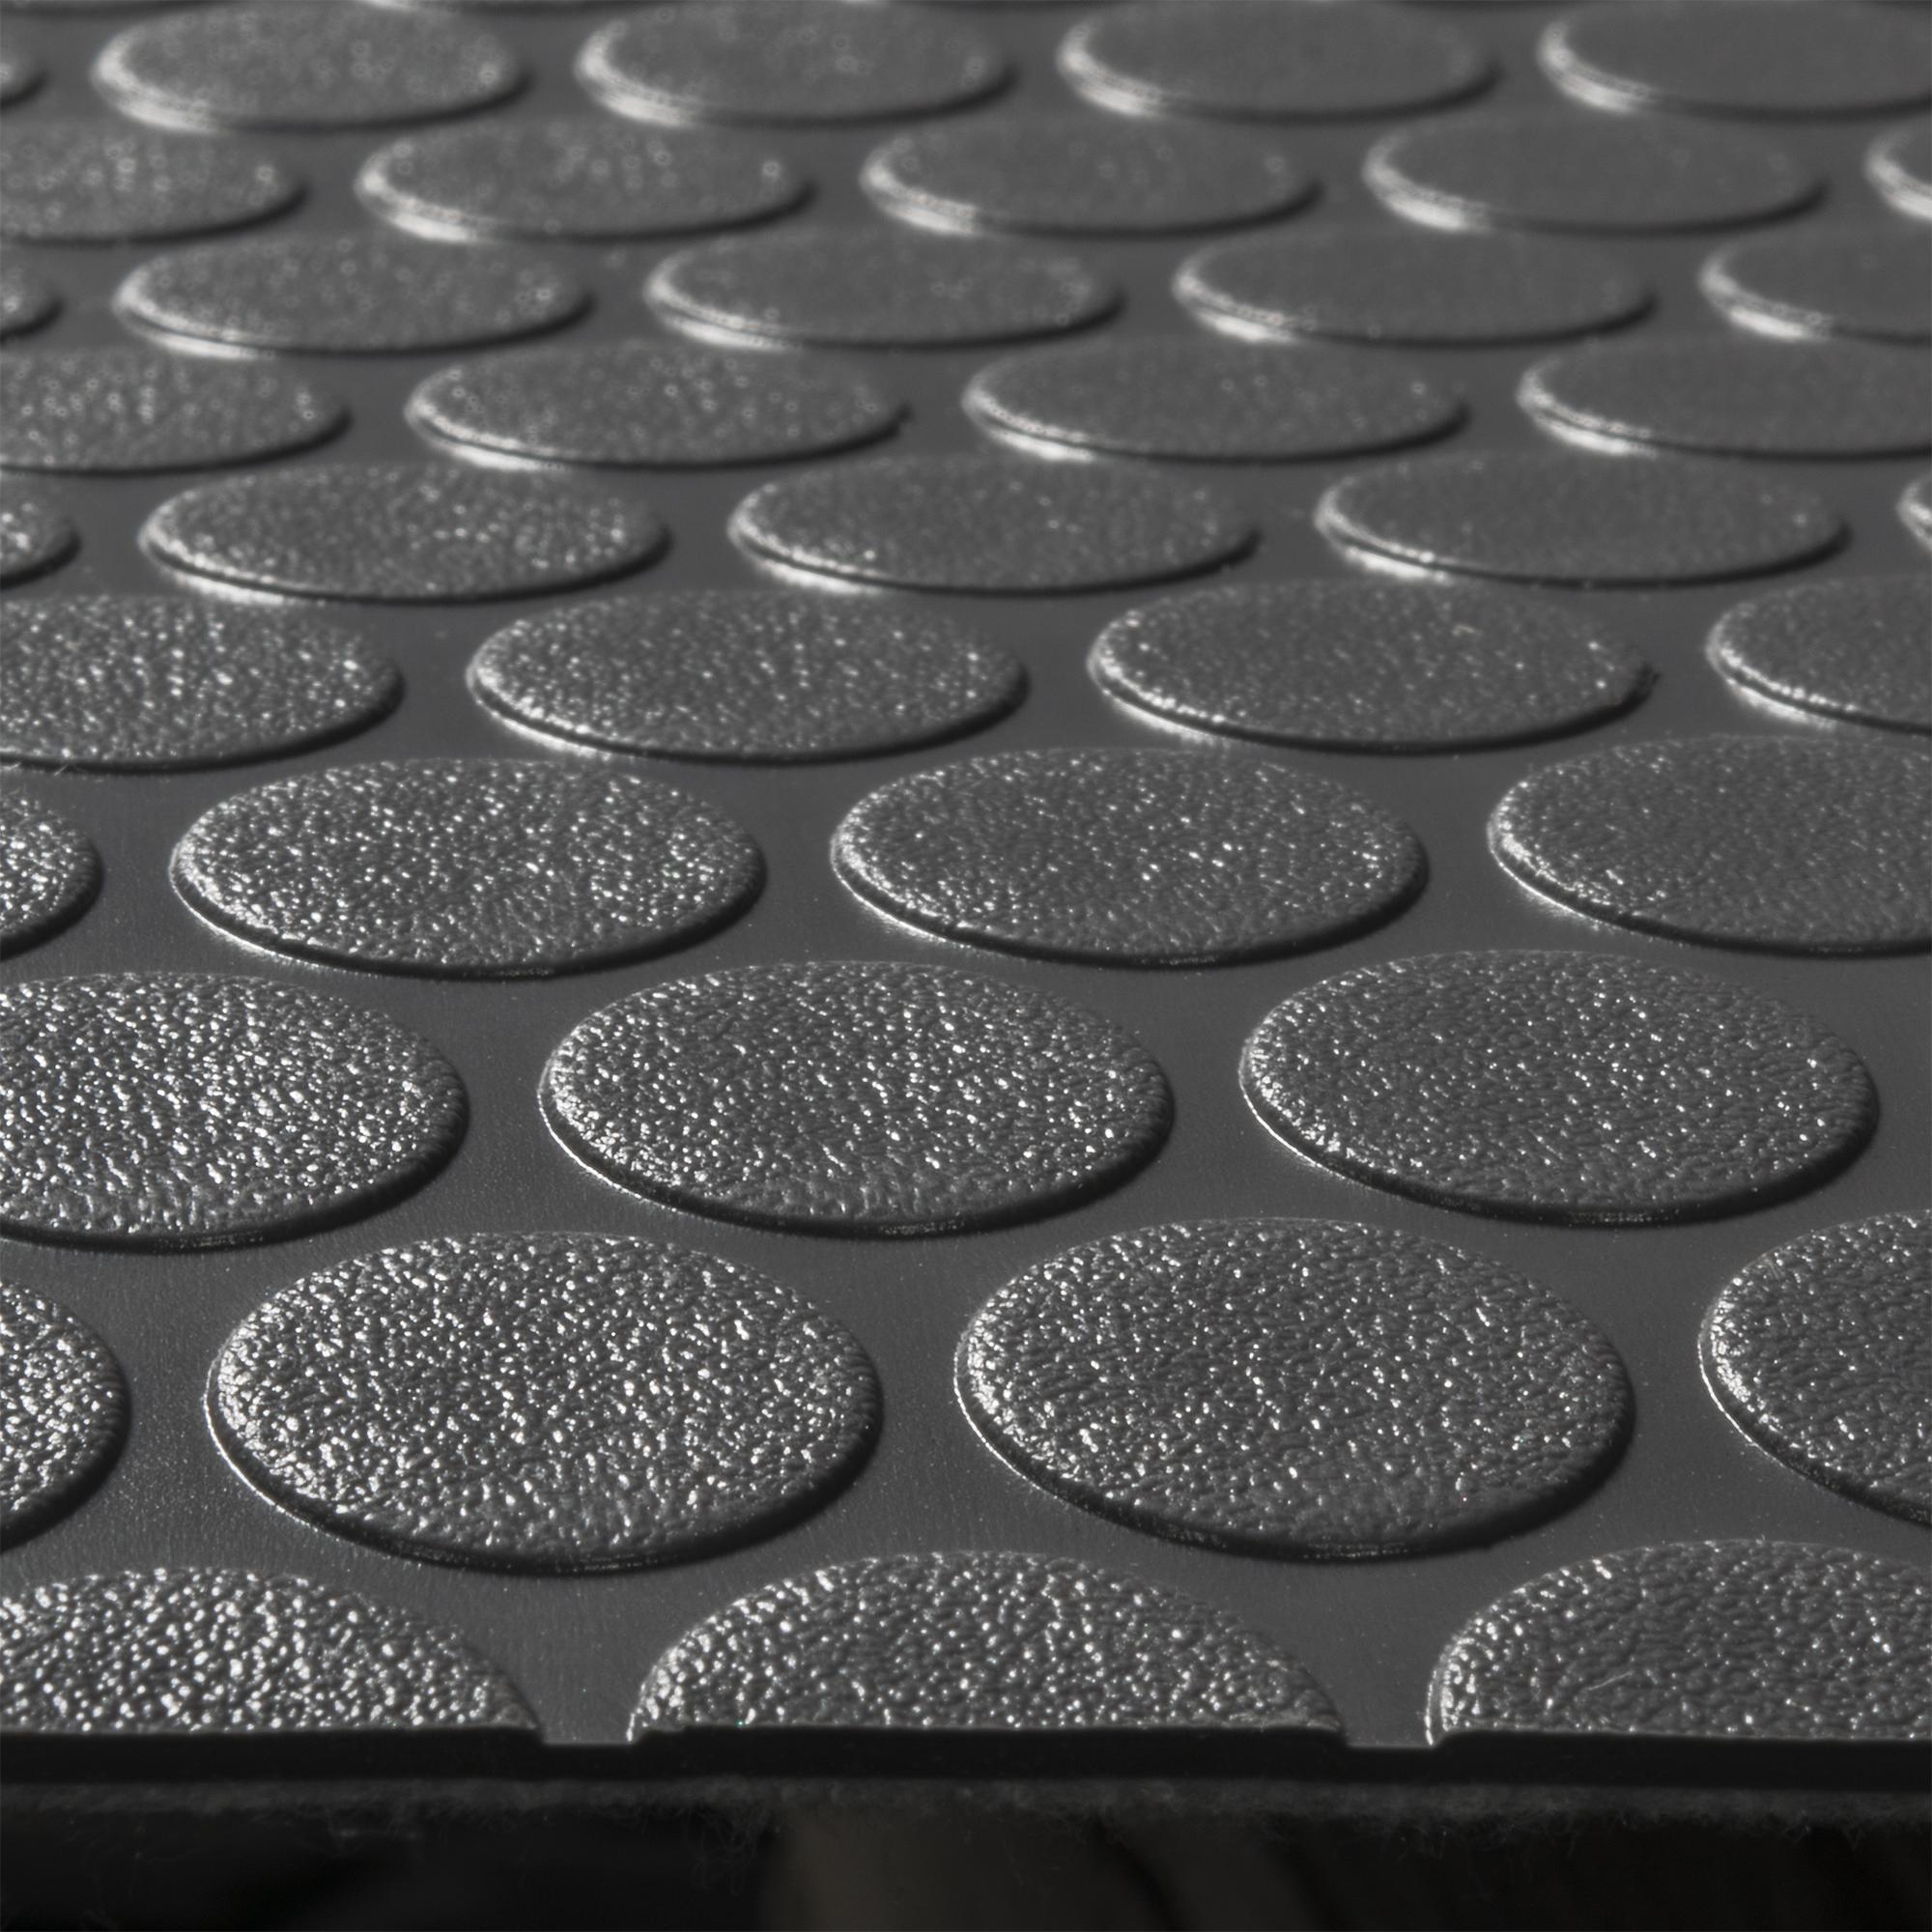 grey-coin-flooring-edge-detail.jpg